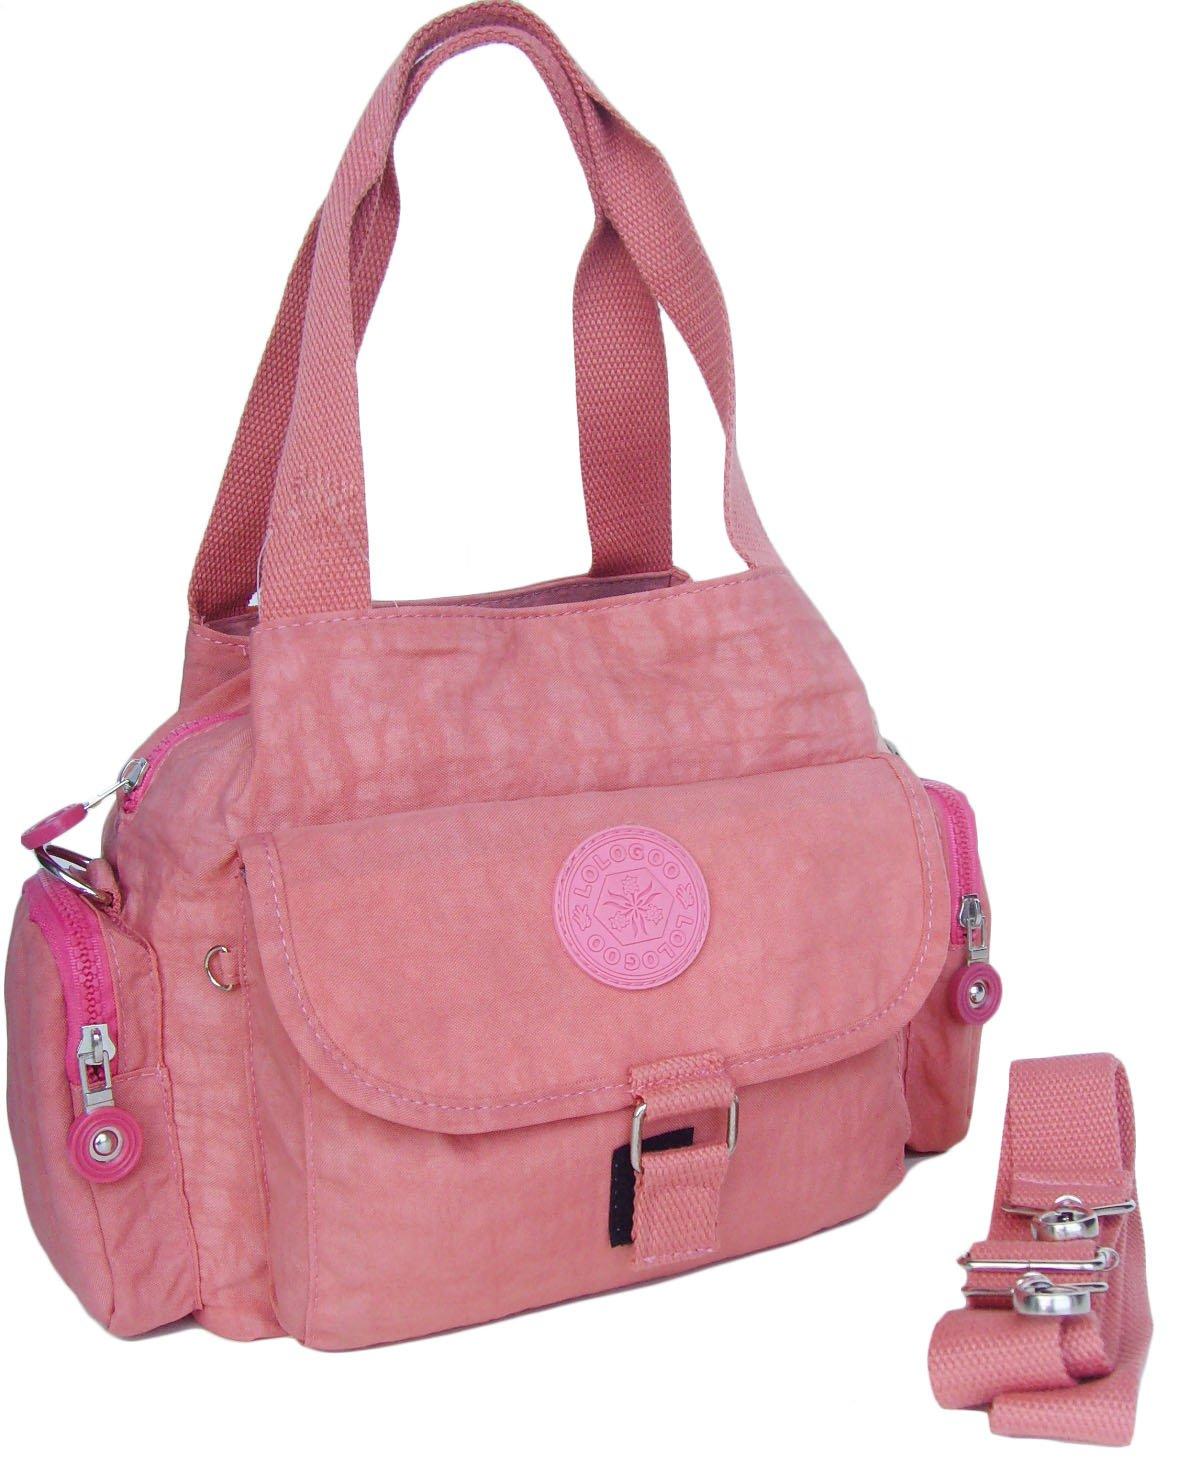 HONG YE Pure Stripe Slouch Bag,sku:hb077orange1